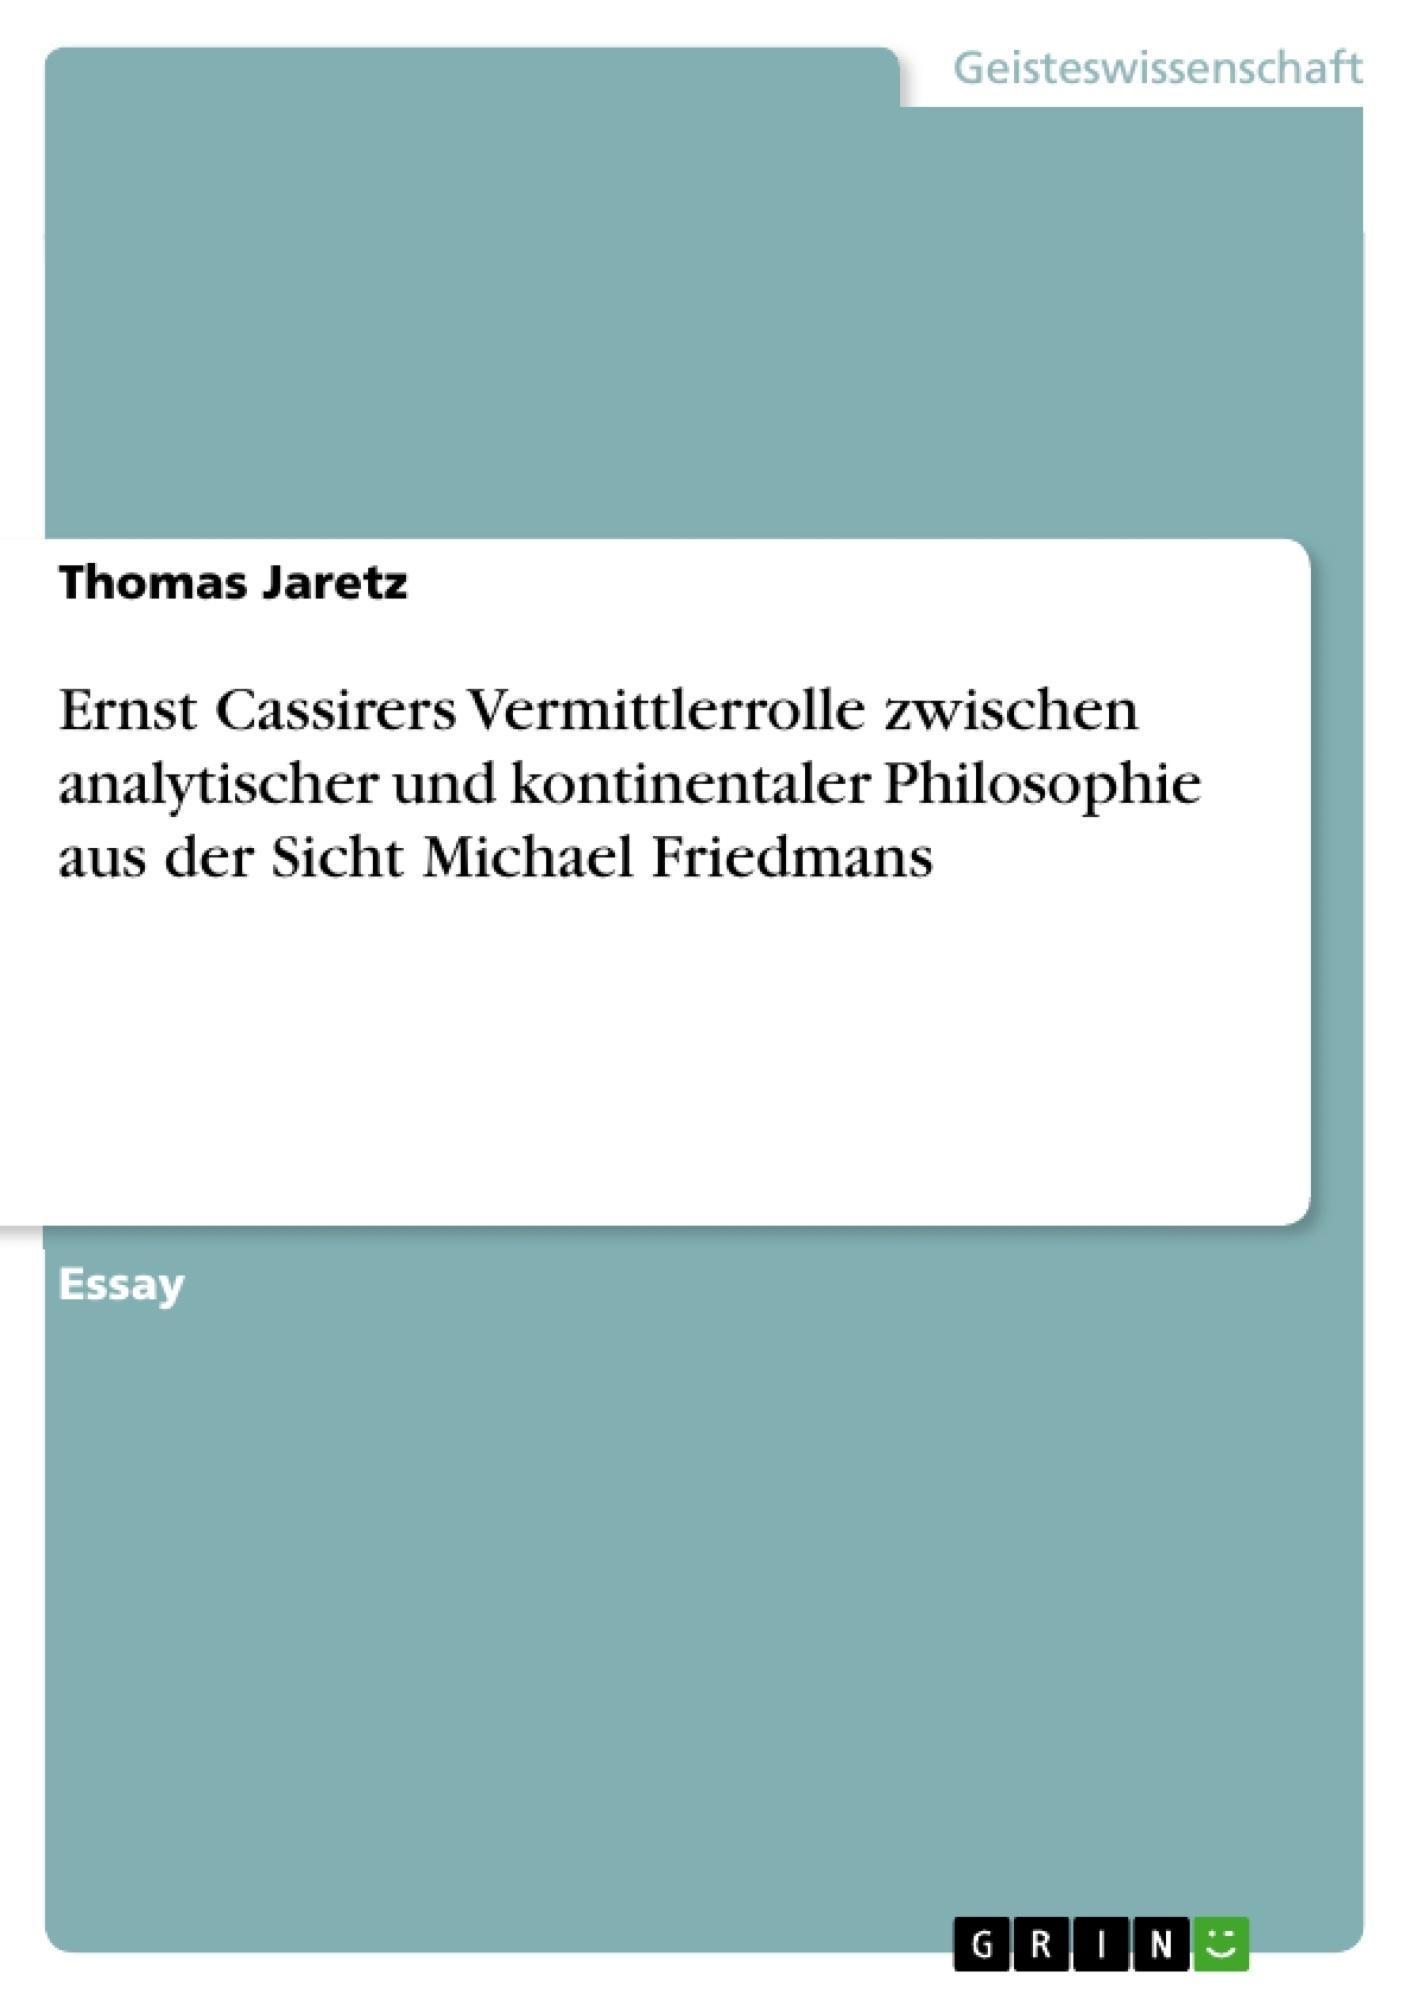 Titel: Ernst Cassirers Vermittlerrolle zwischen analytischer und kontinentaler Philosophie aus der Sicht Michael Friedmans